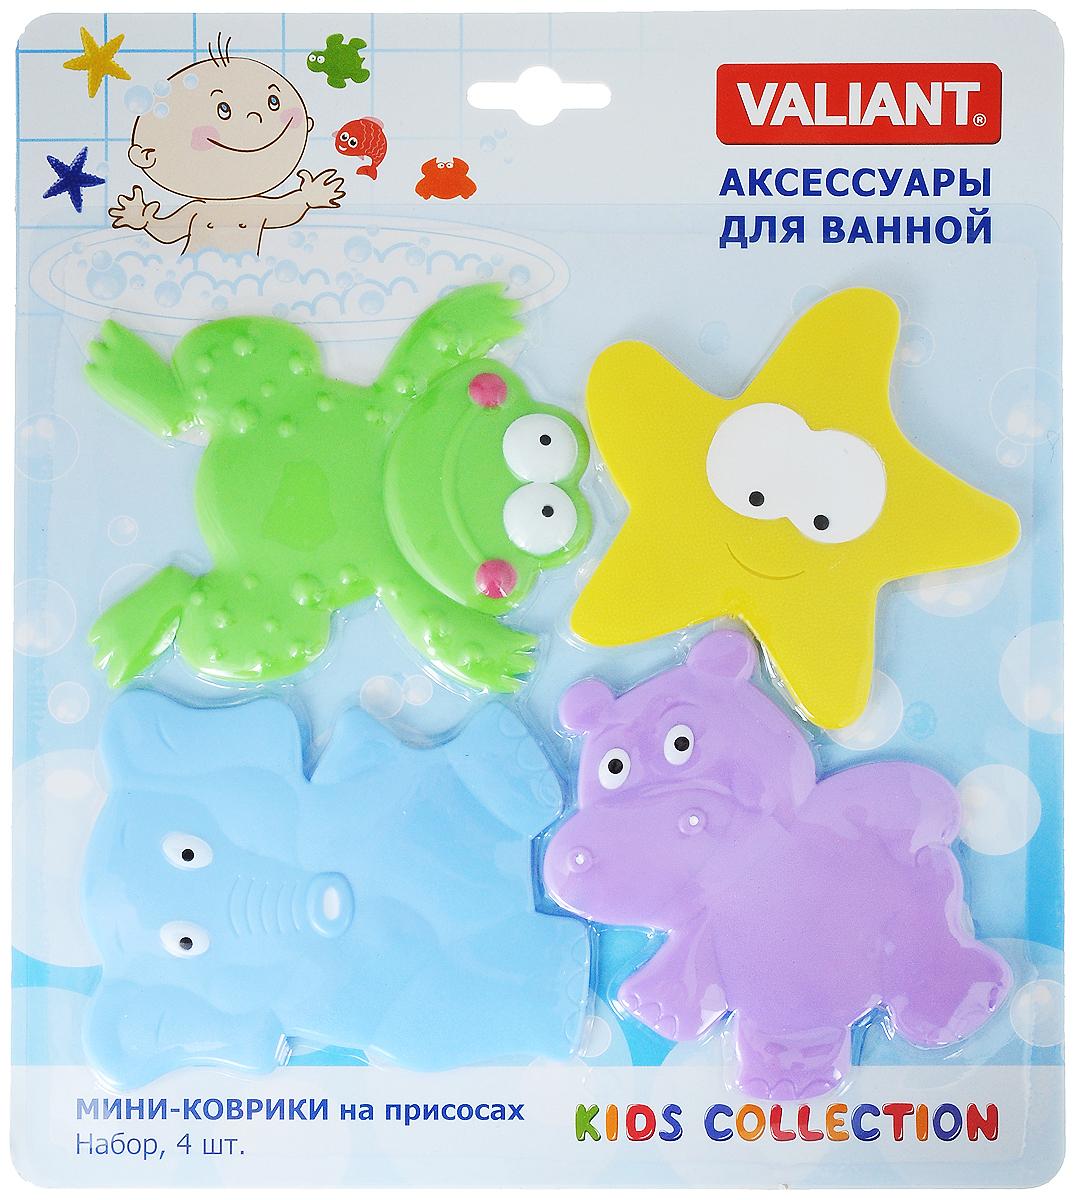 Valiant Мини-коврик для ванной комнаты Веселые зверюшки на присосках 4 шт -  Все для купания